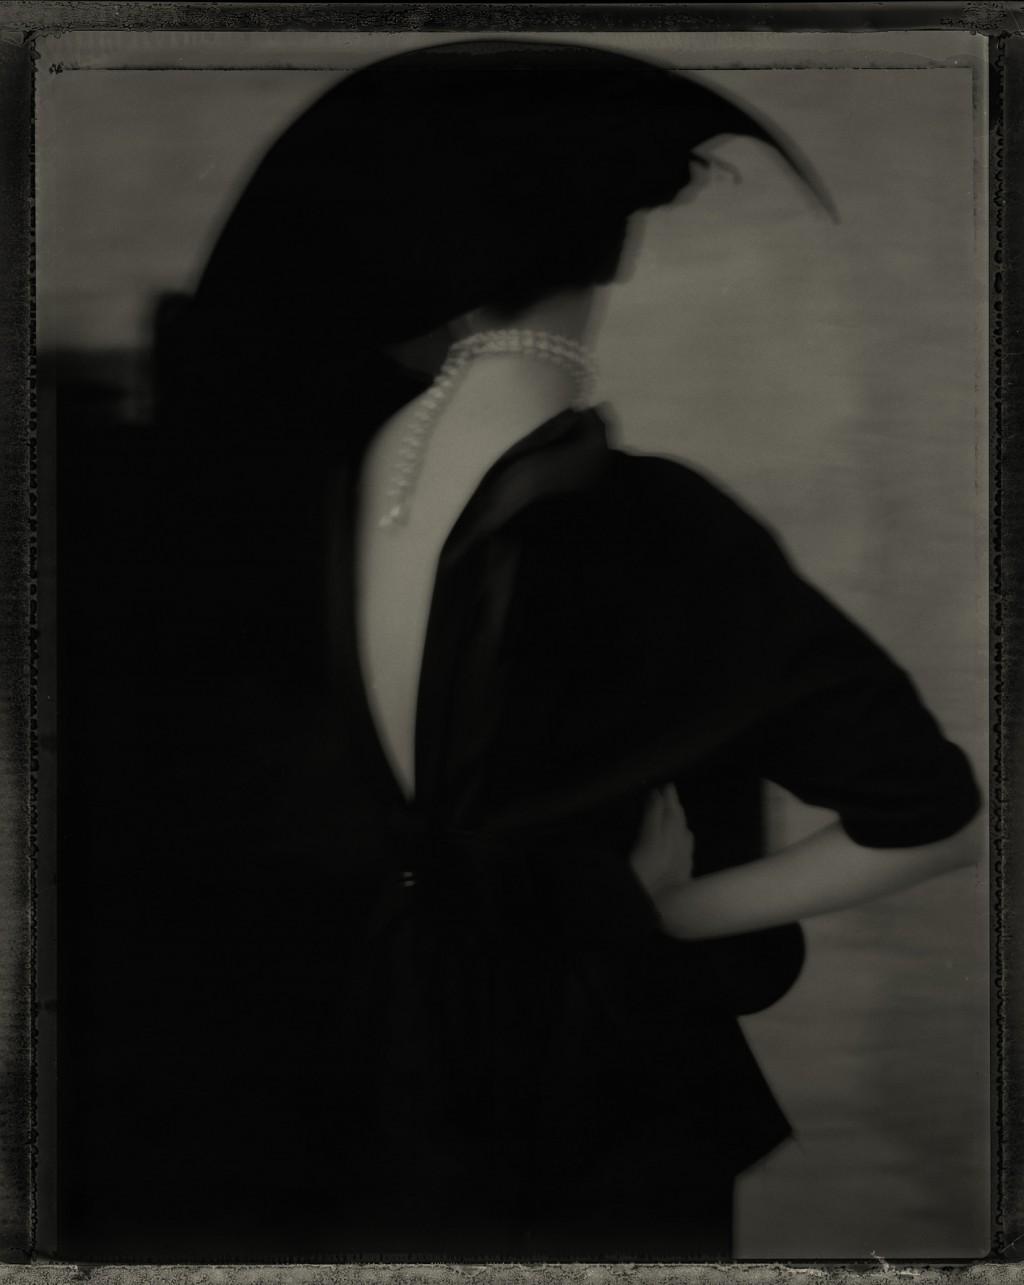 sarah-moon-l-inconnue